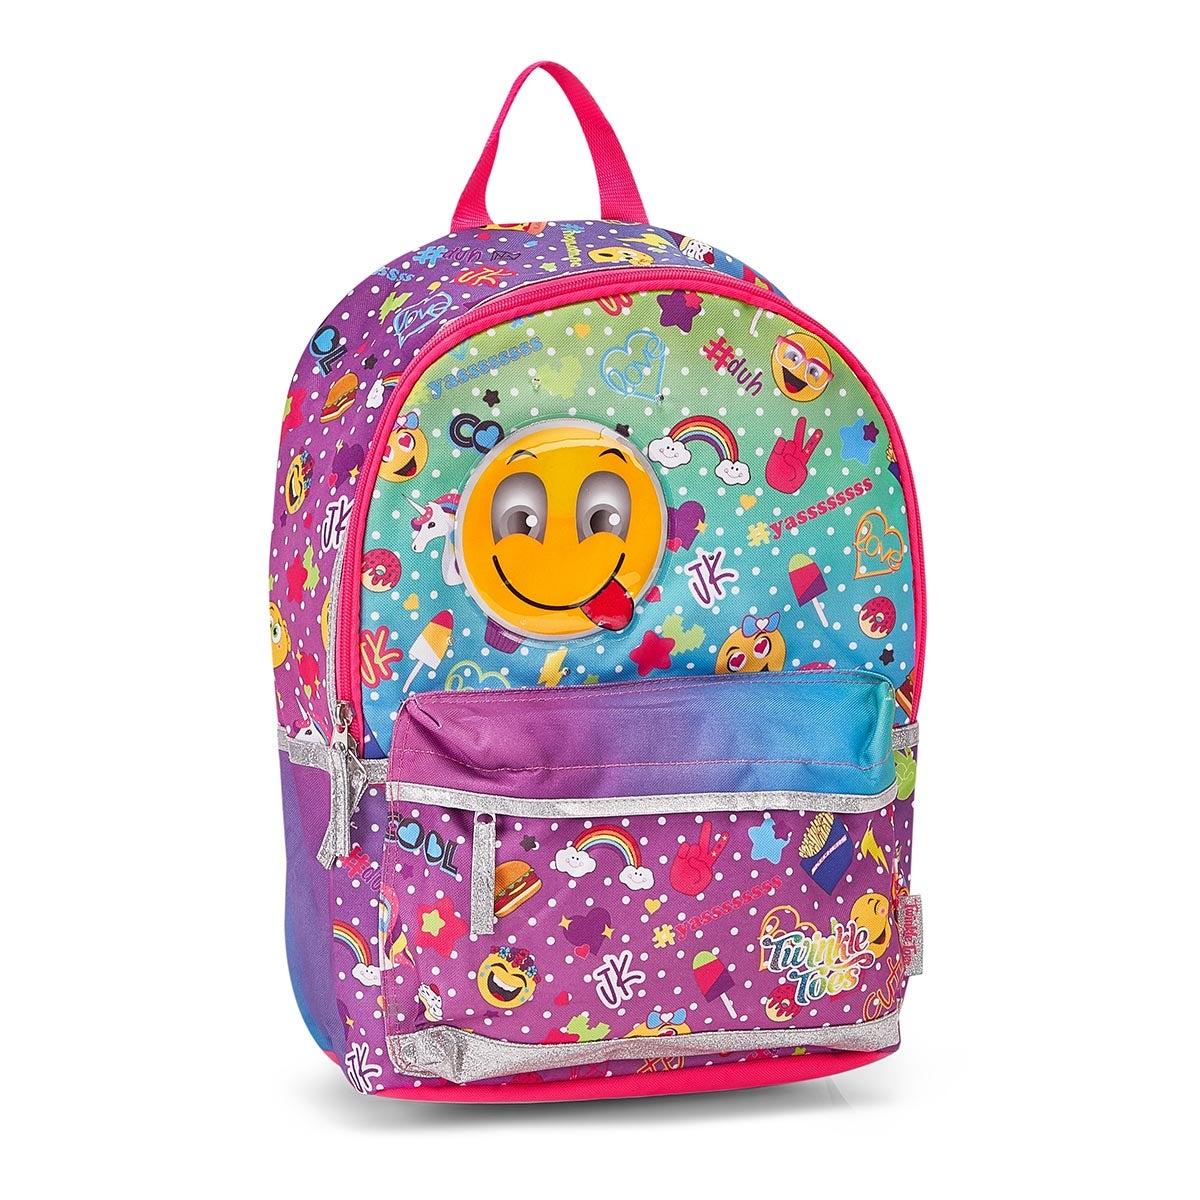 Grls Twinkle Toes Skemoji multi backpack